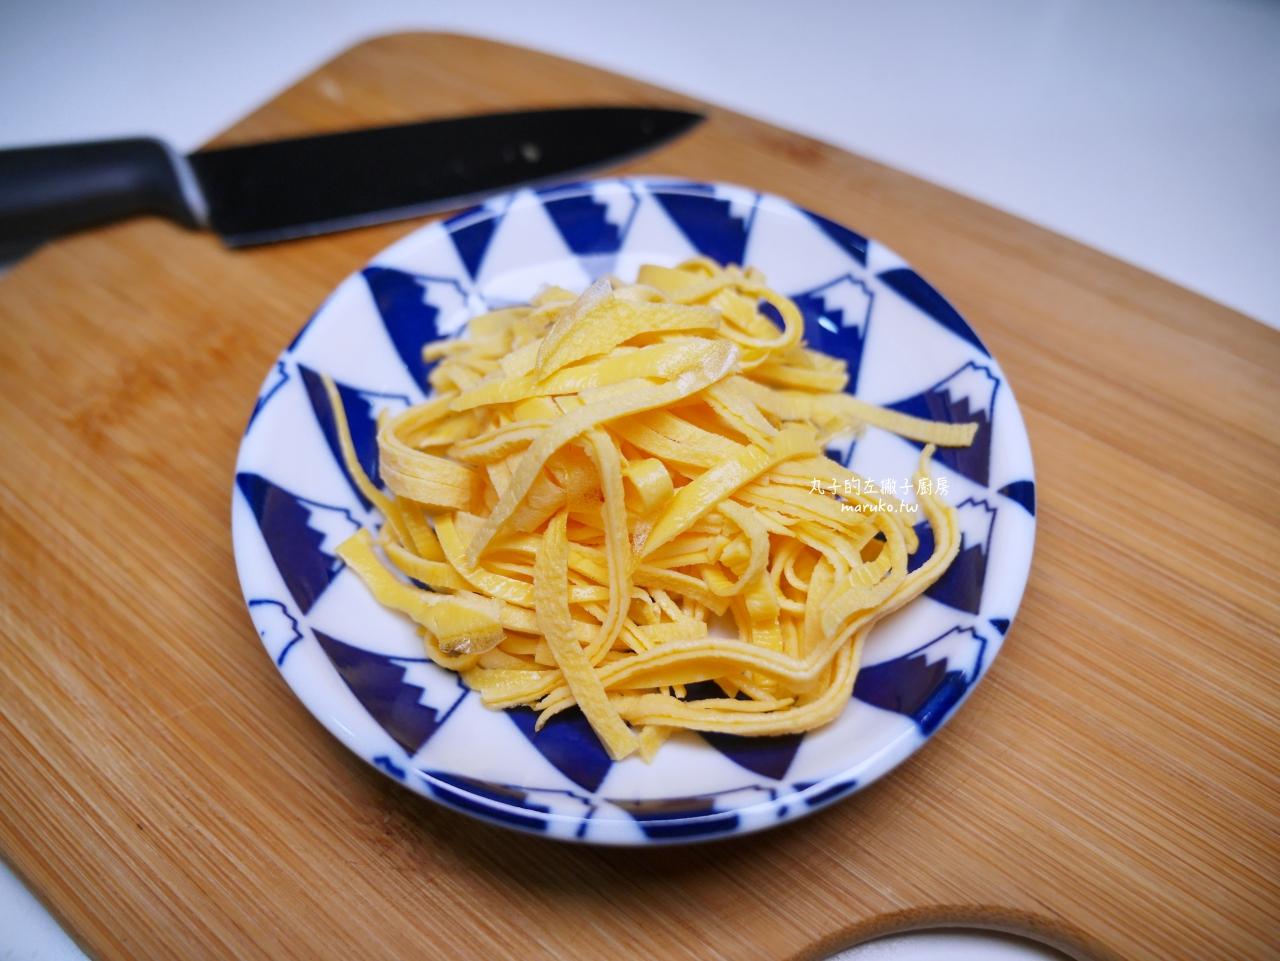 【食譜】日式蛋絲/高級日式料理亭的日式蛋絲(錦系卵)做法 @Maruko與美食有個約會